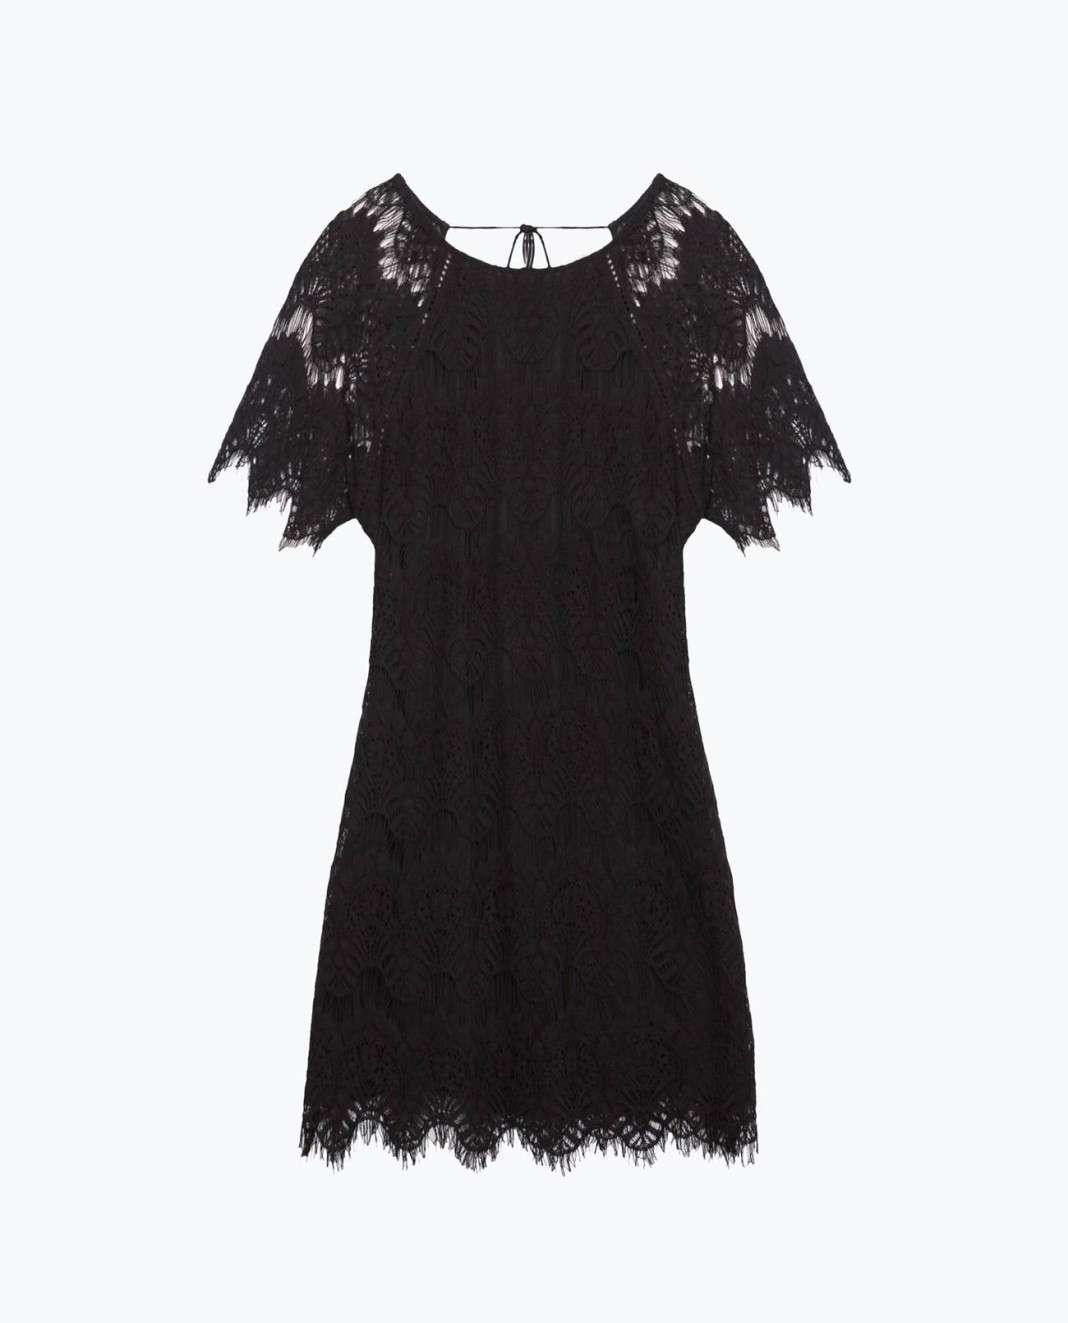 vestidos de Zara para el verano 2016 negro noche